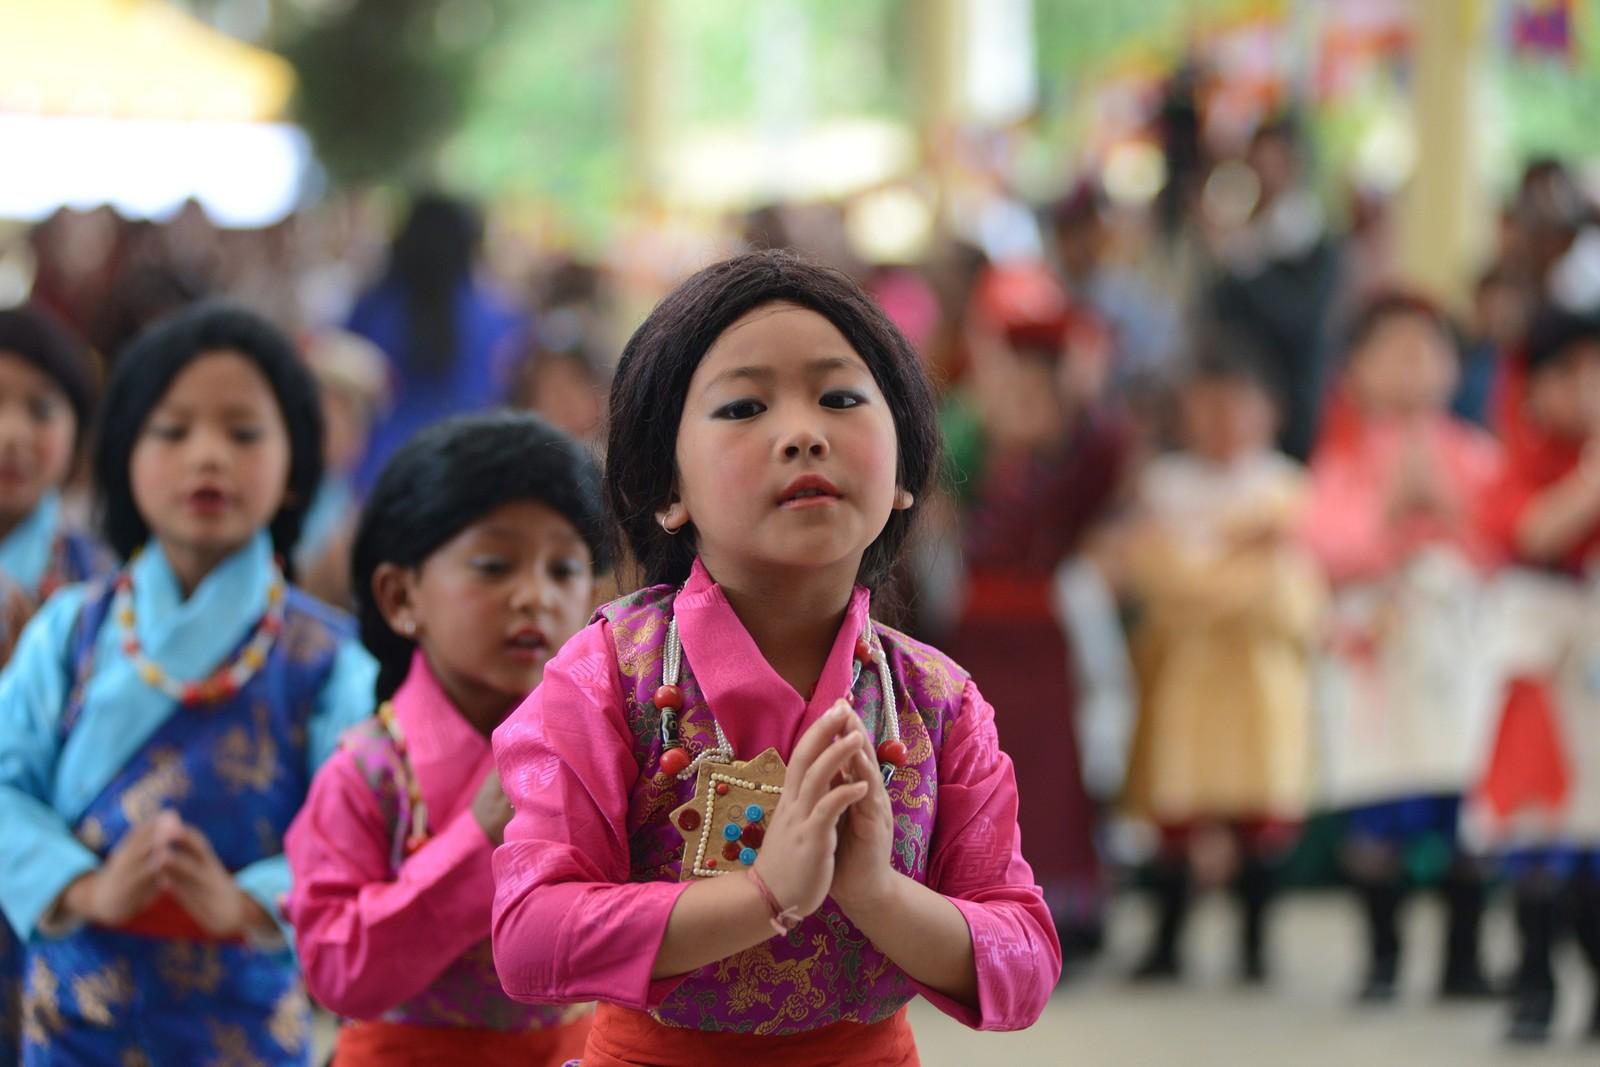 Tibetanske barn i eksil deltar i feiringen av Dalai Lamas 80-årsdag ved Tsuglakhang-tempelet i McLeod Ganj i India 6. juli.